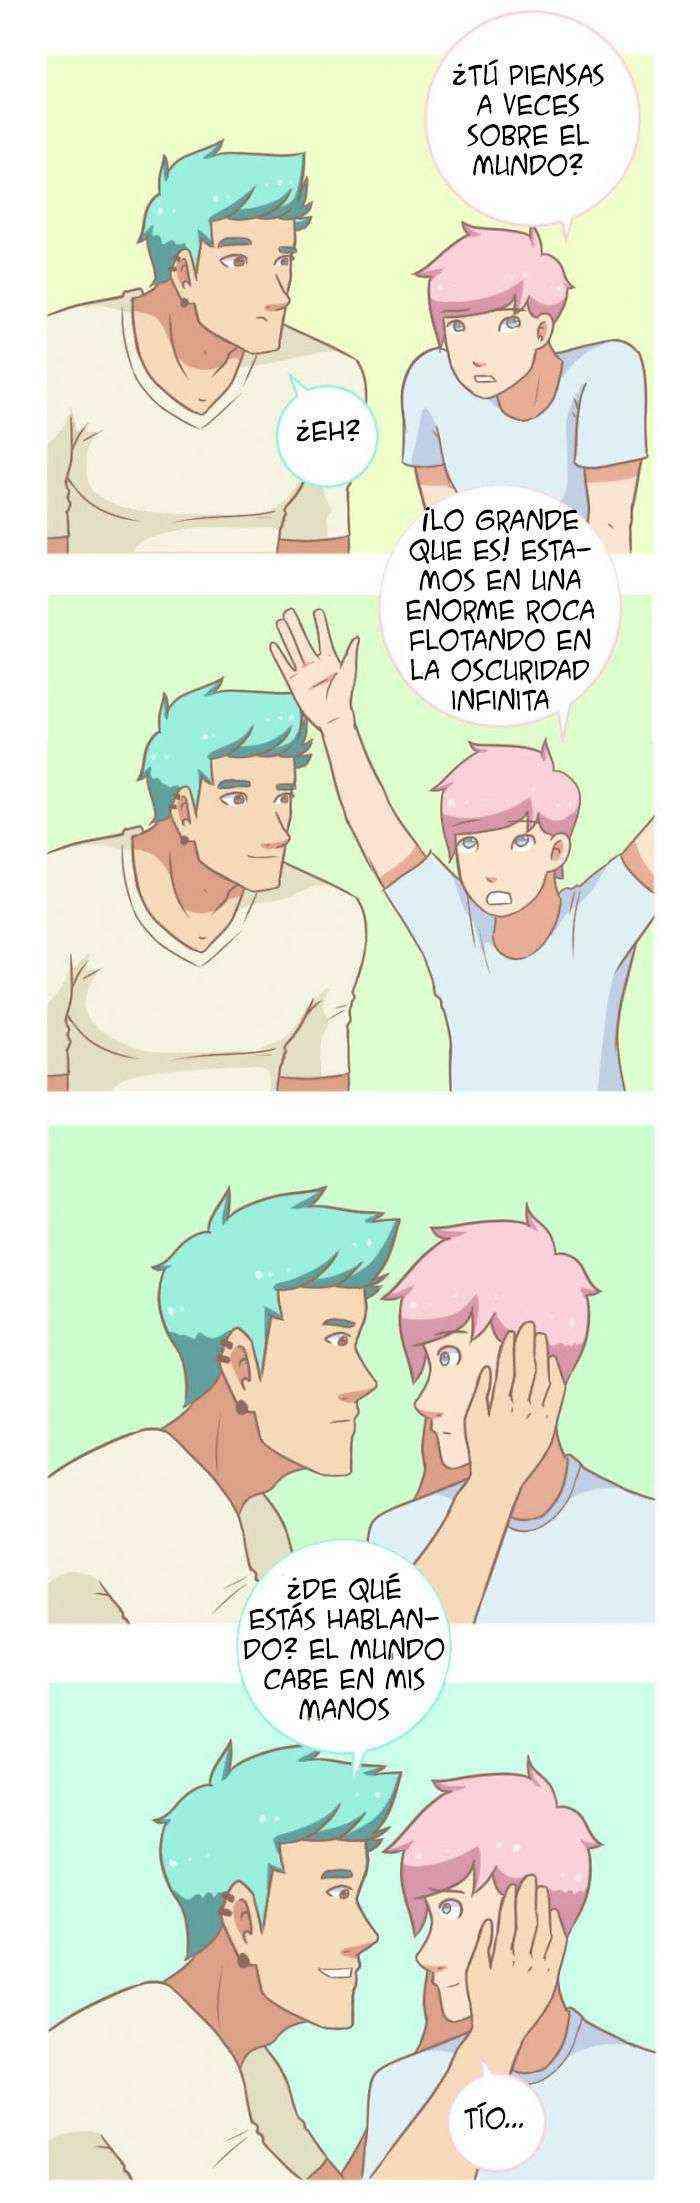 1522241344 659 20 adorables comics sobre la vida diaria de una pareja gay - 20 Adorables cómics sobre la vida diaria de una pareja gay